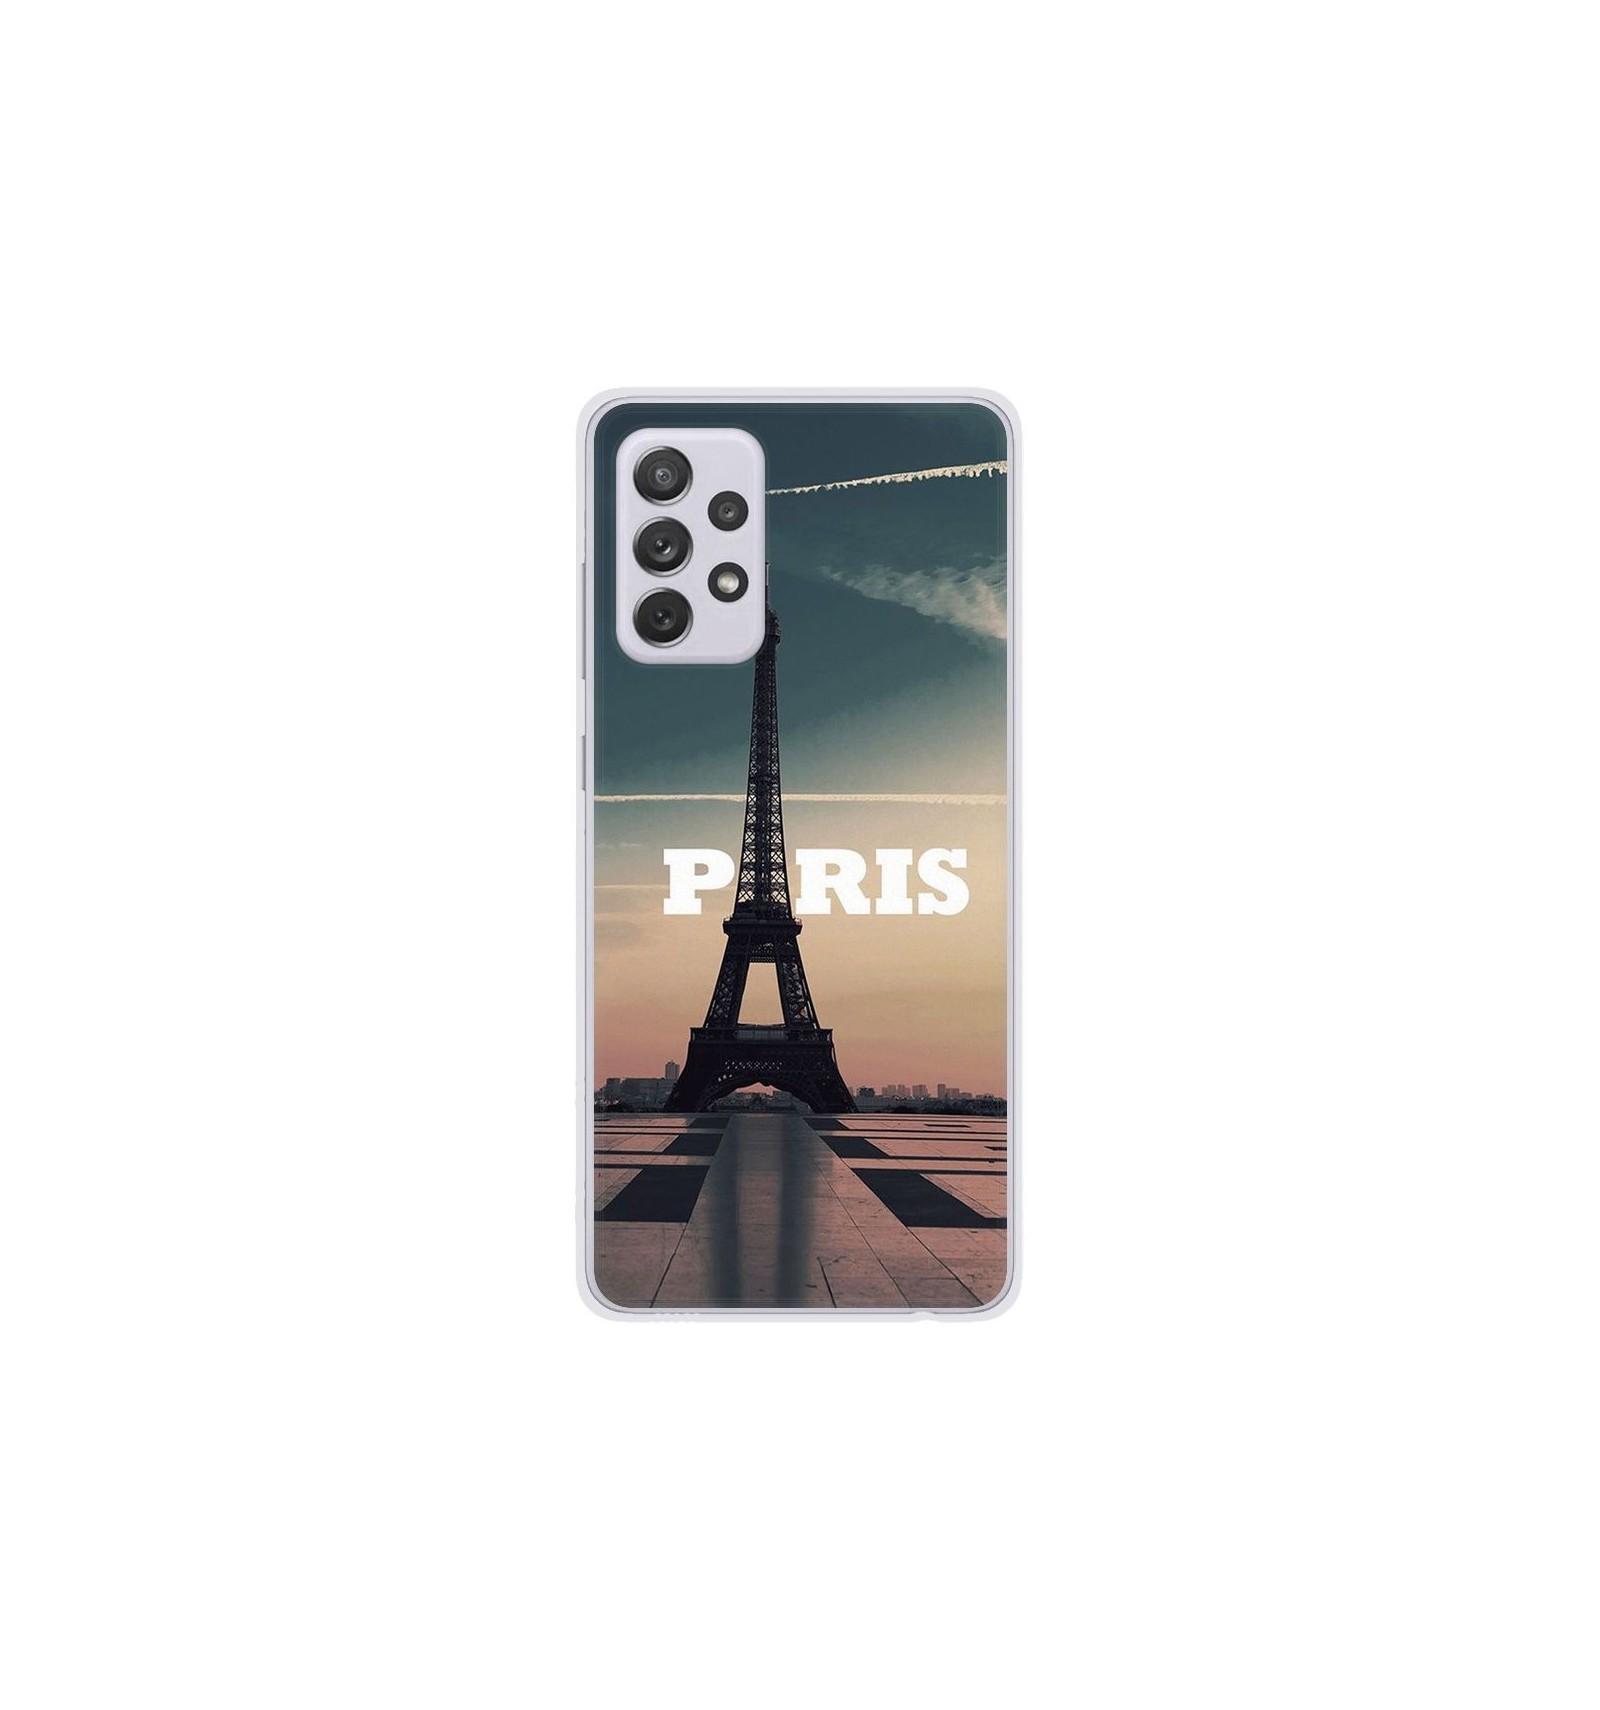 Coque en silicone Samsung Galaxy A52 - Paris